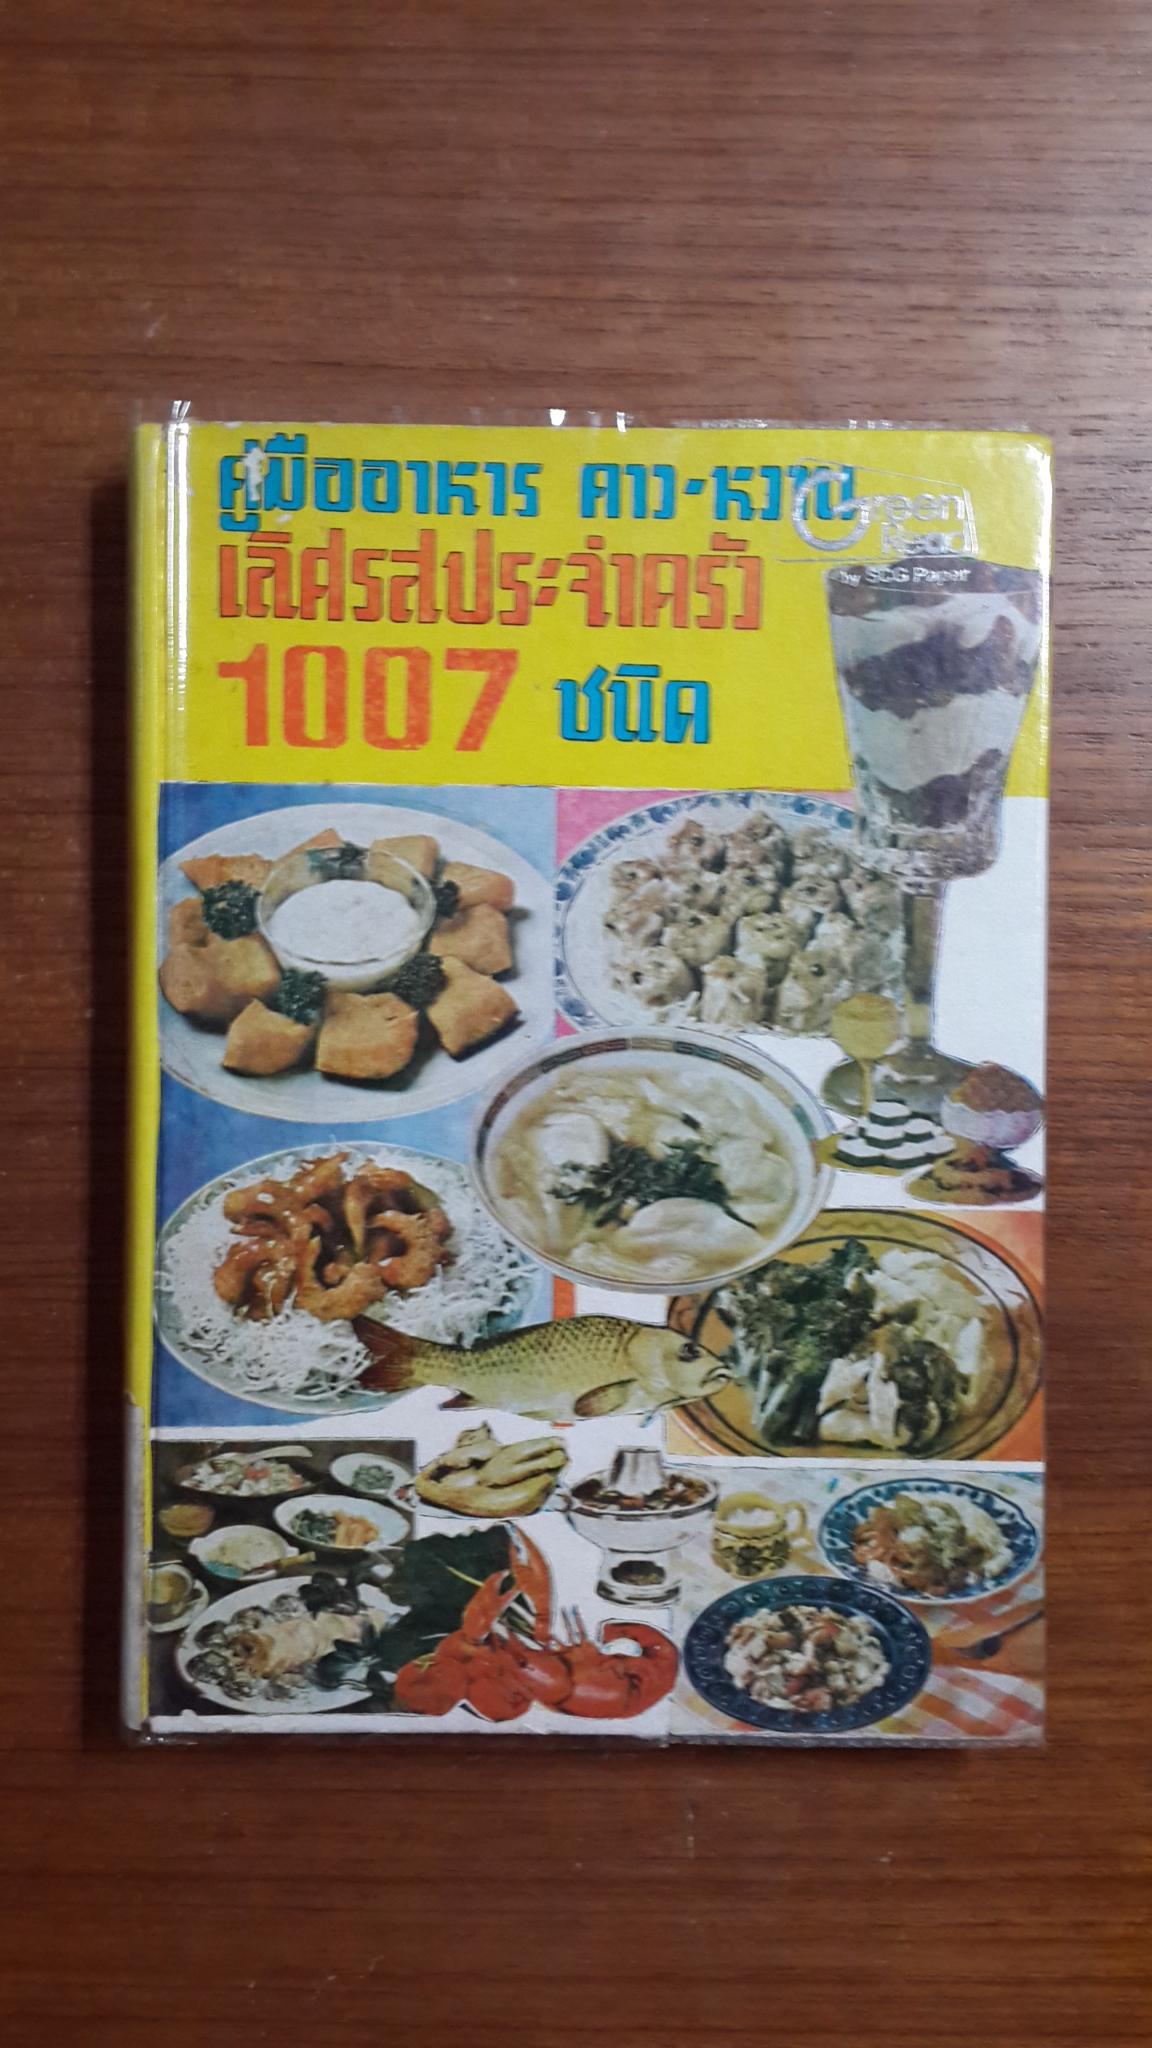 คู่มืออาหาร คาว-หวาน เลิศรสประจำครัว 1007 ชนิด / จริยา สุภาวัฒน์